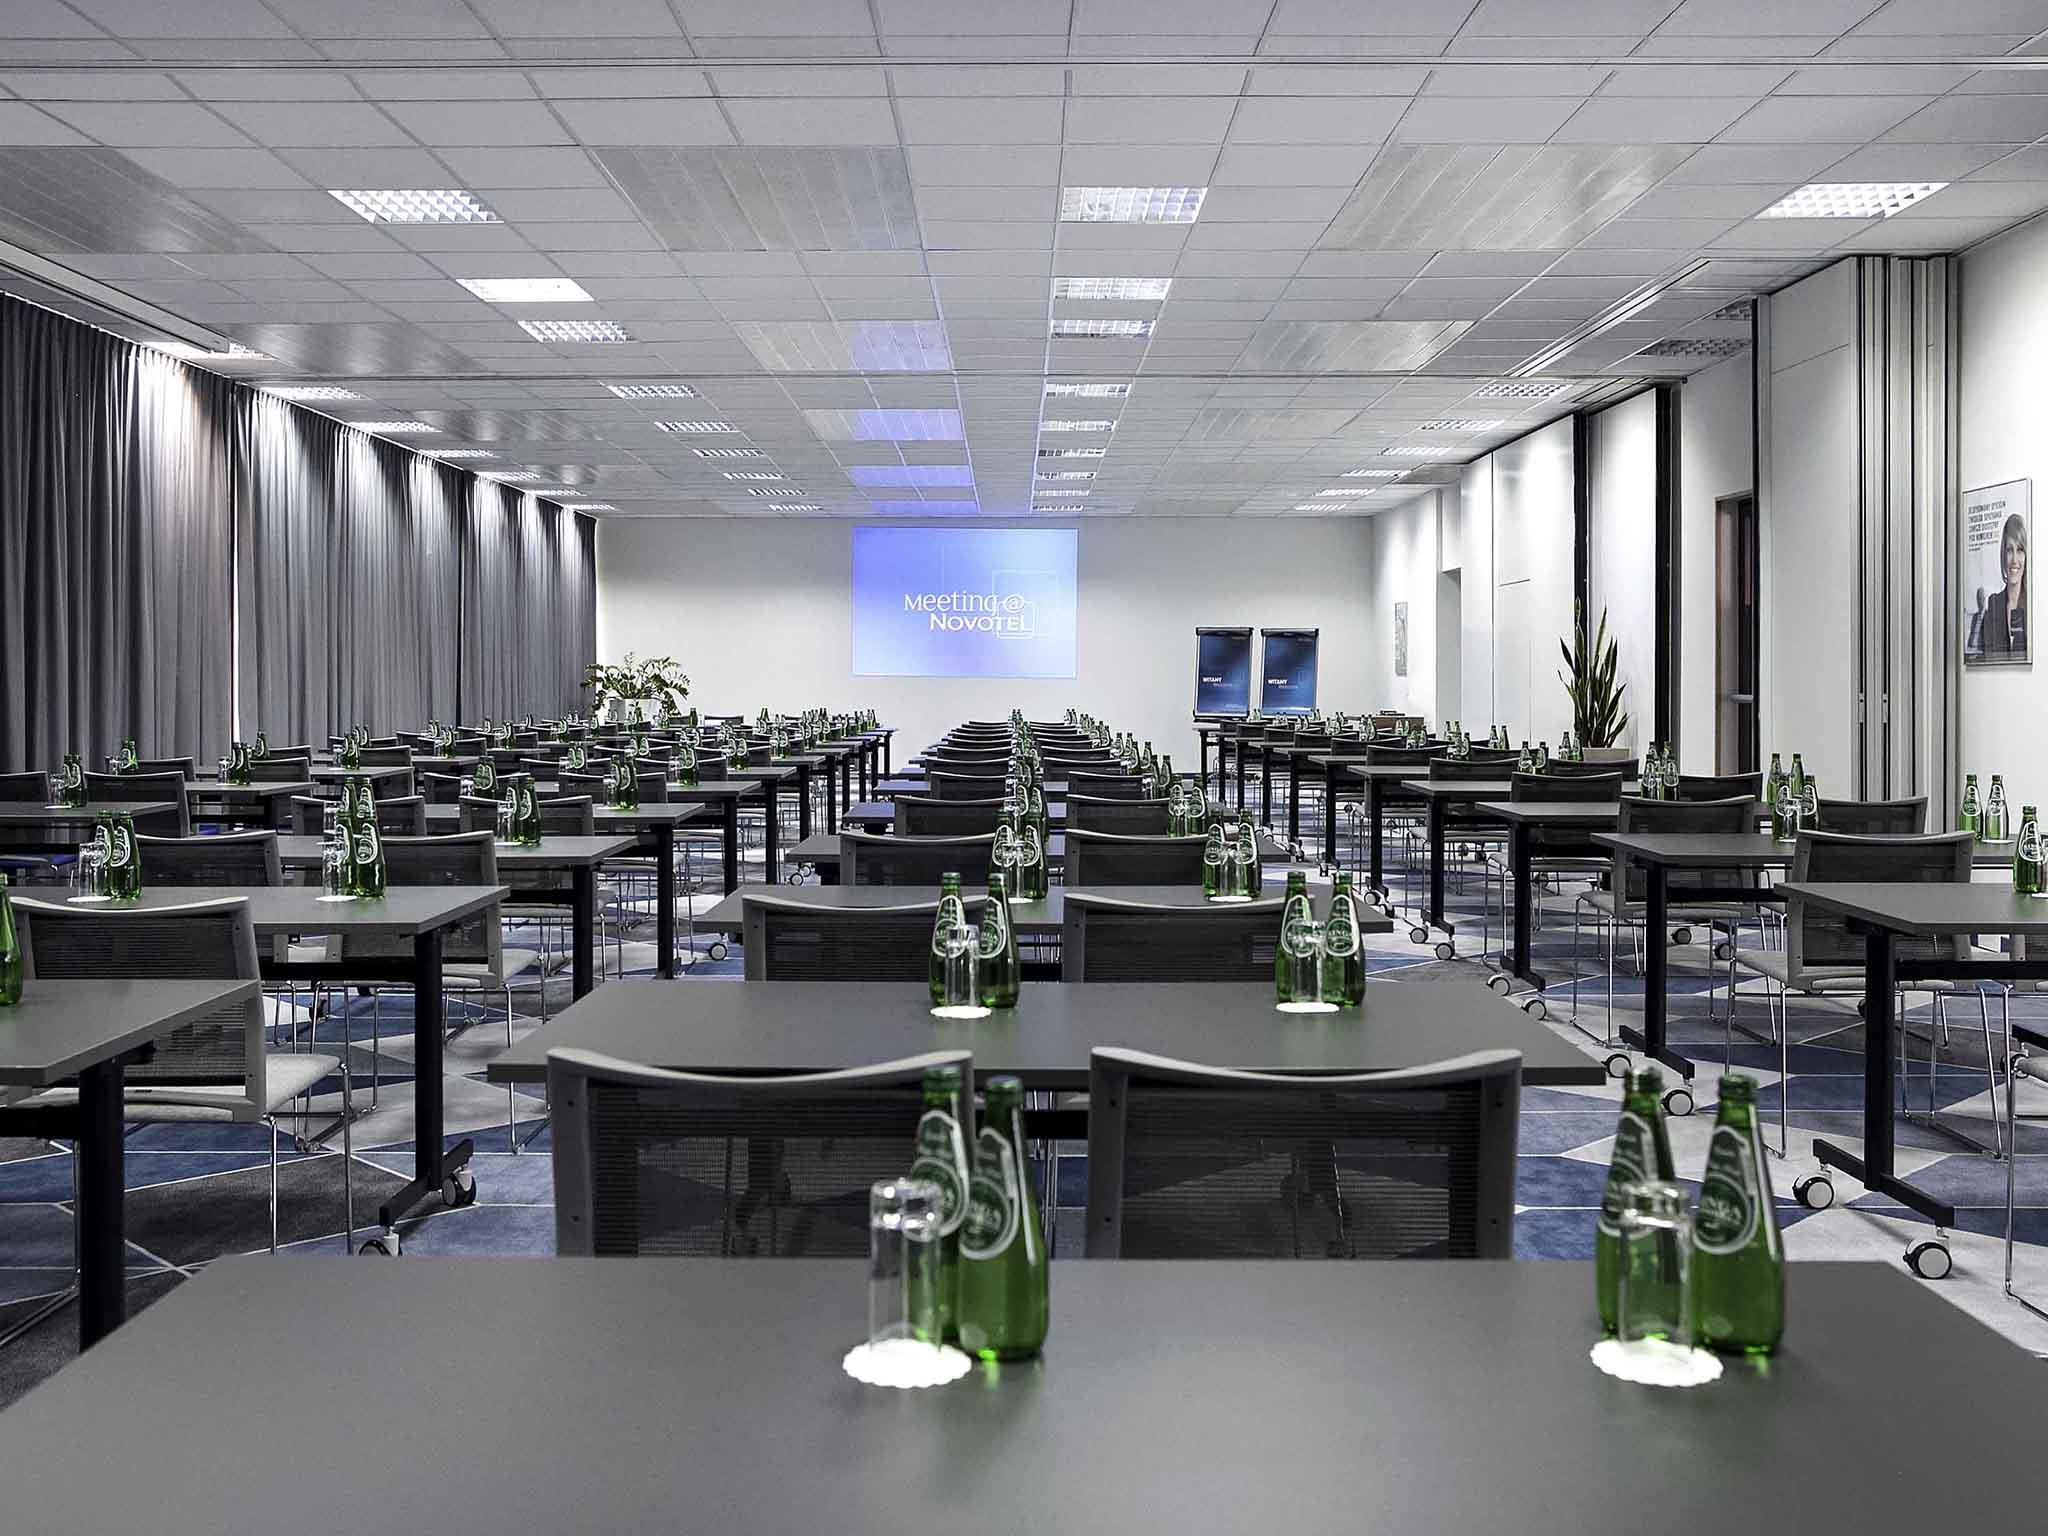 Novotel Hotel Katowice Minefill 2020 minefill 2020 conference